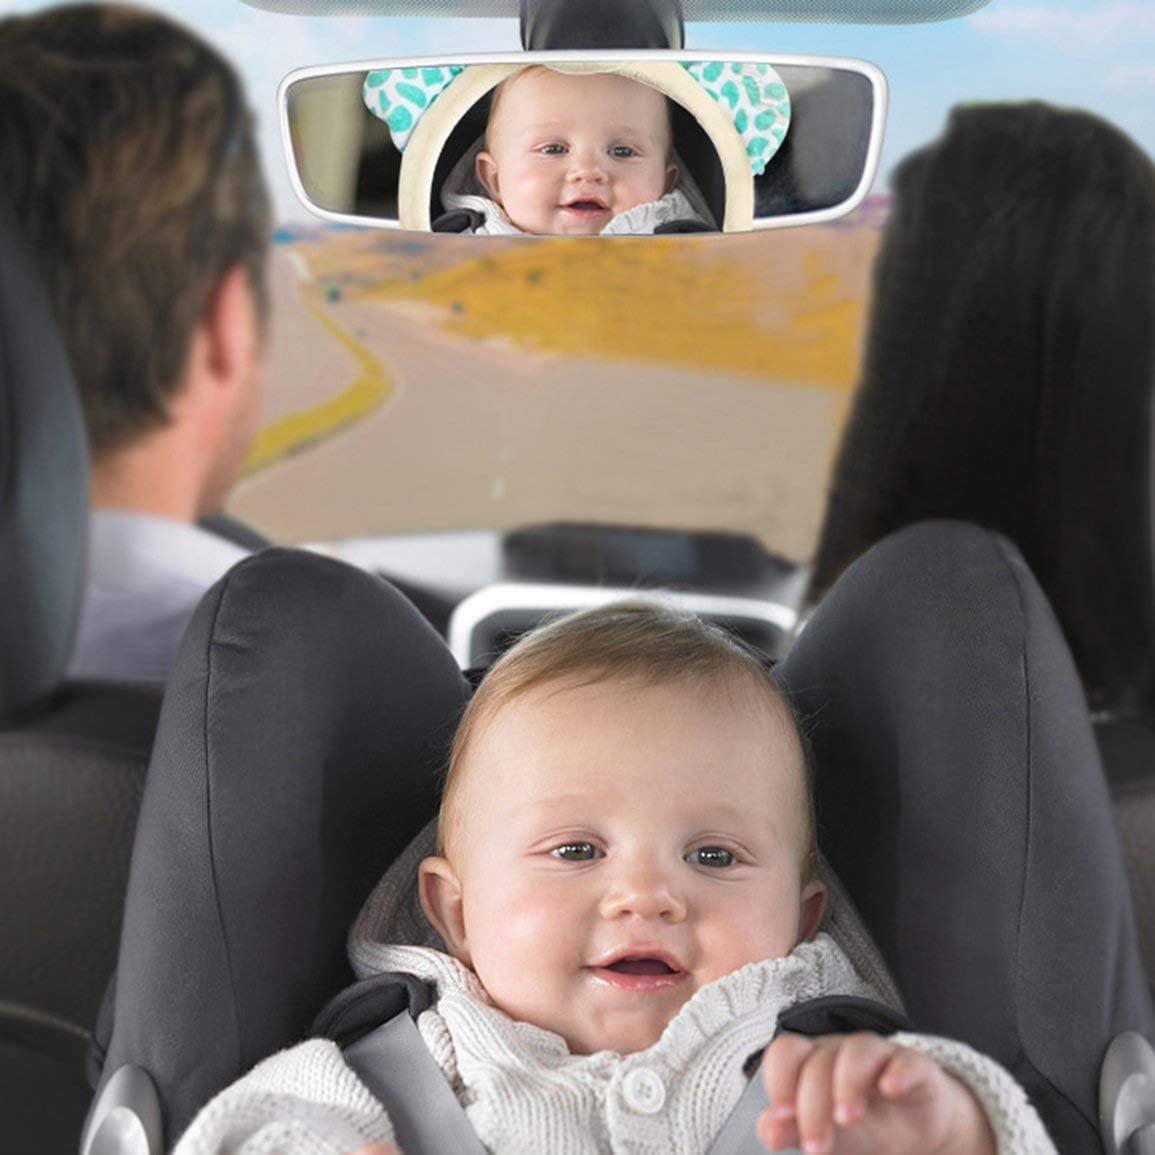 guoyy Baby Monitor Specchio retrovisore auto sedile posteriore Baby Easy View regolabile Utile Cute Infant per bambini bambino bambino